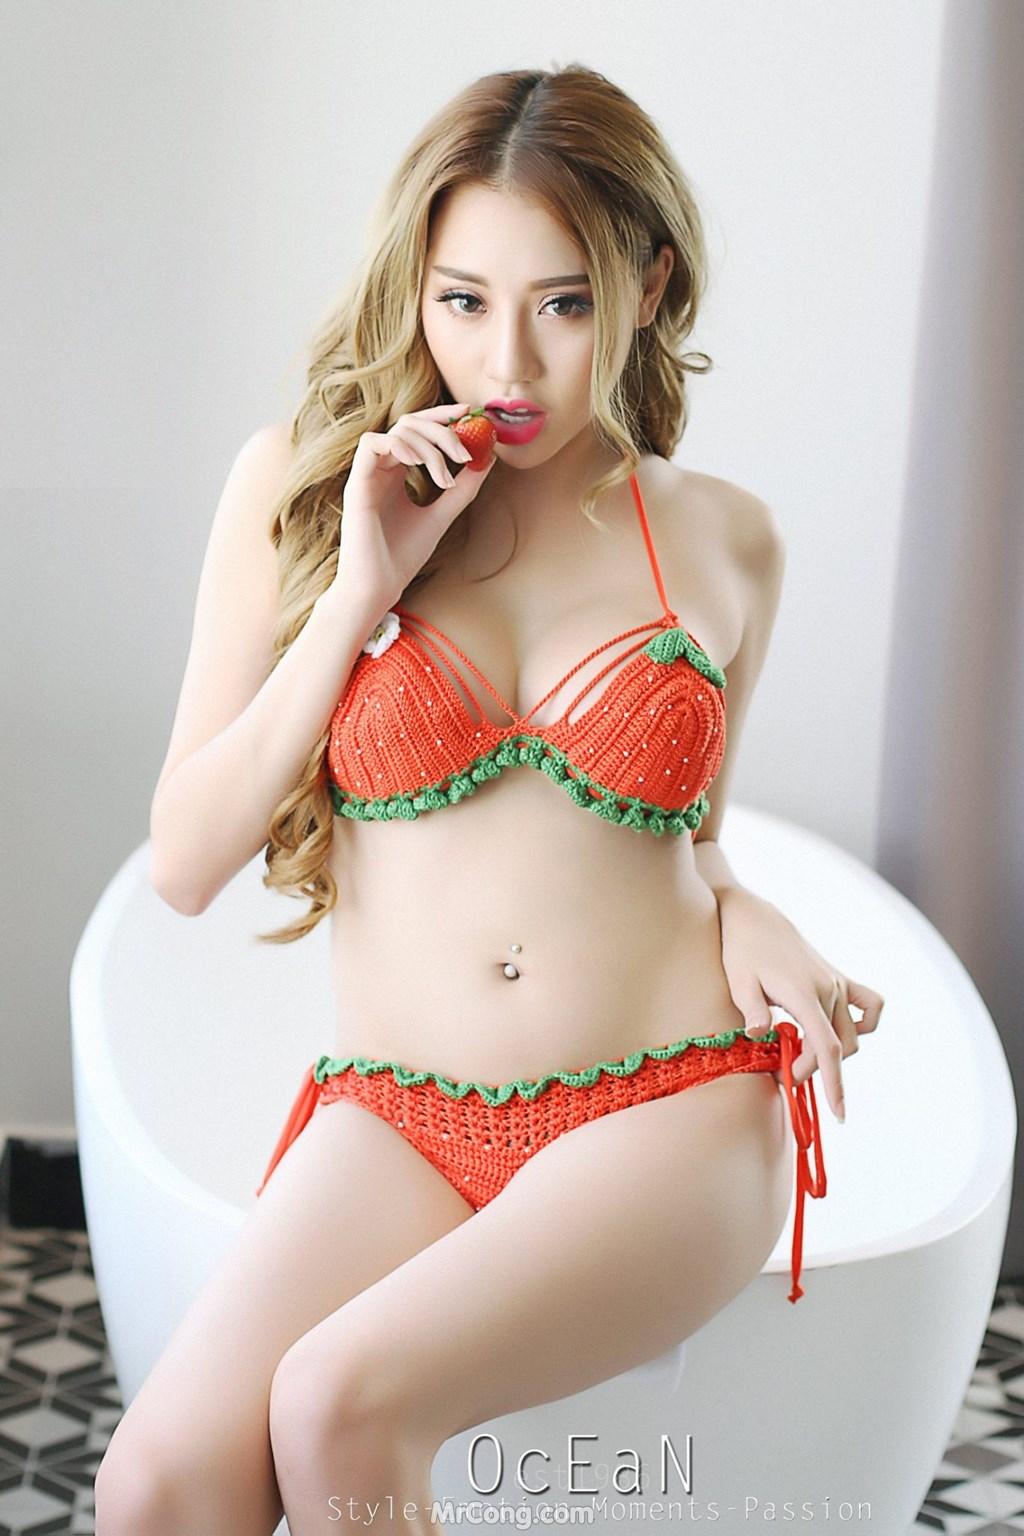 Image Nguyen-Nhi-Nguyen-Thi-Ha-MrCong.com-002 in post Mê mẩn với bộ ảnh cô nàng Nguyễn Nhi quyến rũ bên bồn tắm (27 ảnh)